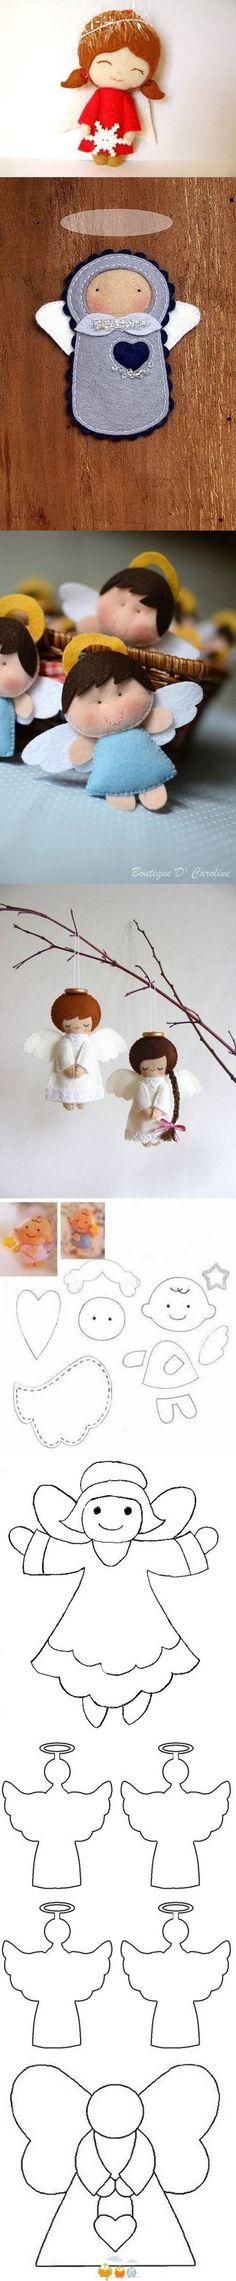 DIY Felt Angels Templates DIY Felt Angels Templates by diyforever Angel Crafts, Felt Crafts, Christmas Crafts, Felt Christmas, Christmas Angels, Felt Angel, Felt Templates, Felt Fairy, Felt Dolls